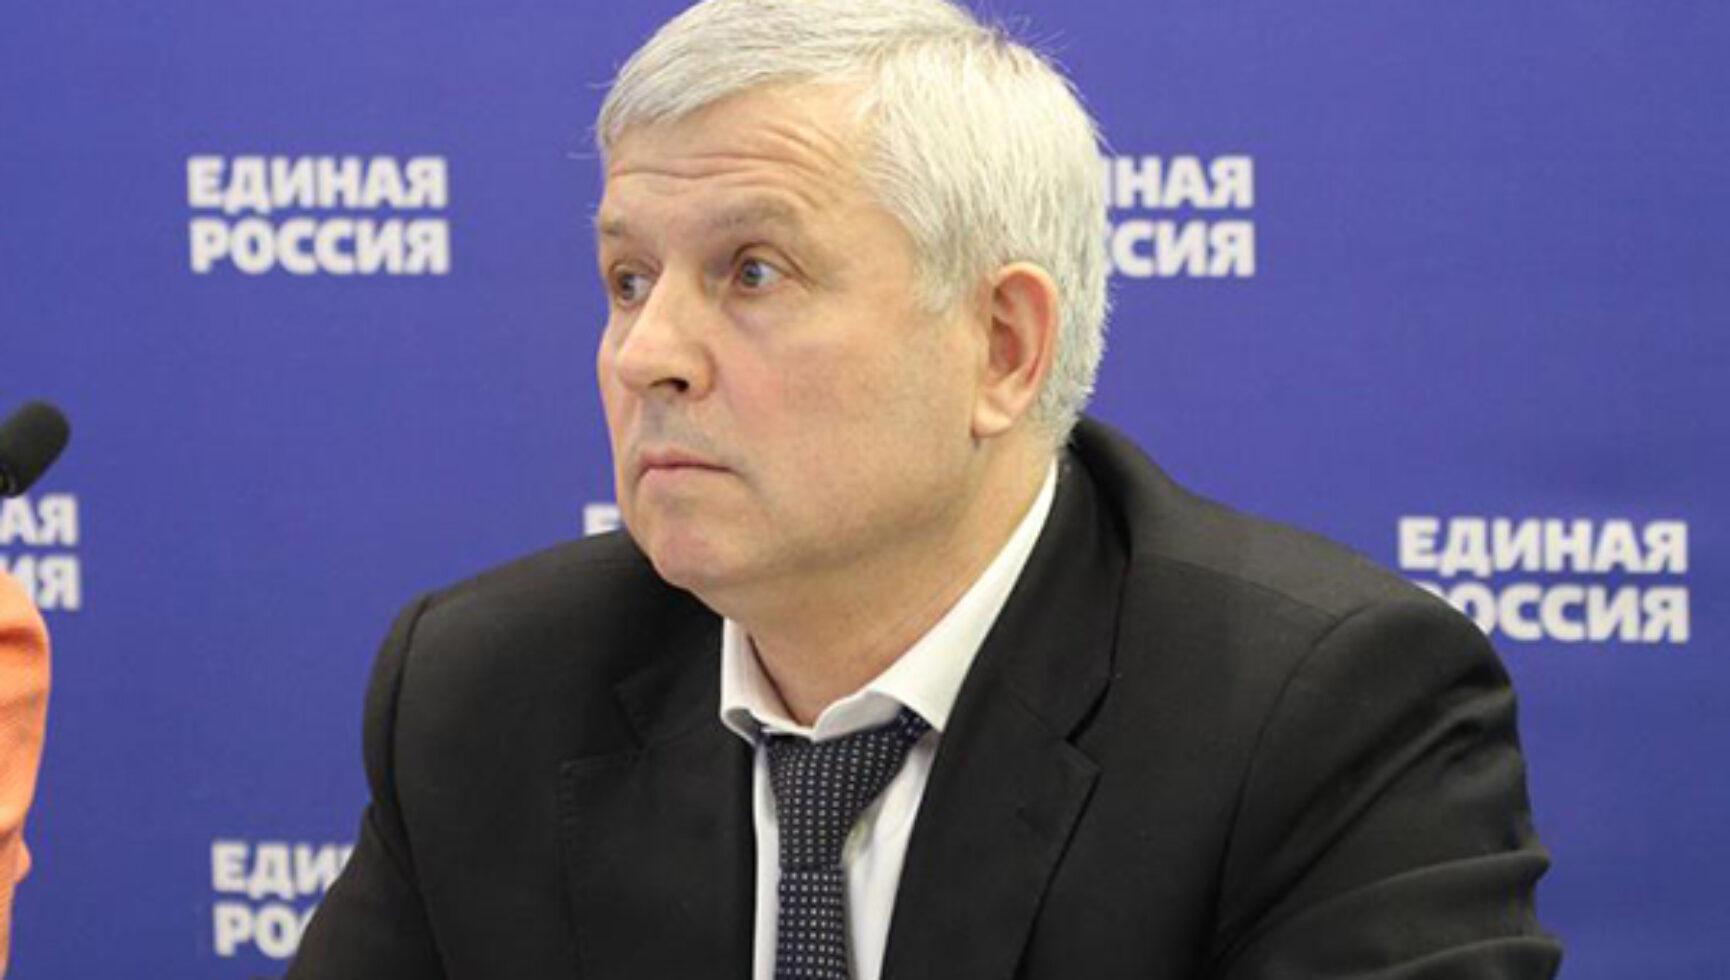 Виктор Кидяев: приглашаю всех поддержать акцию «Георгиевская ленточка»